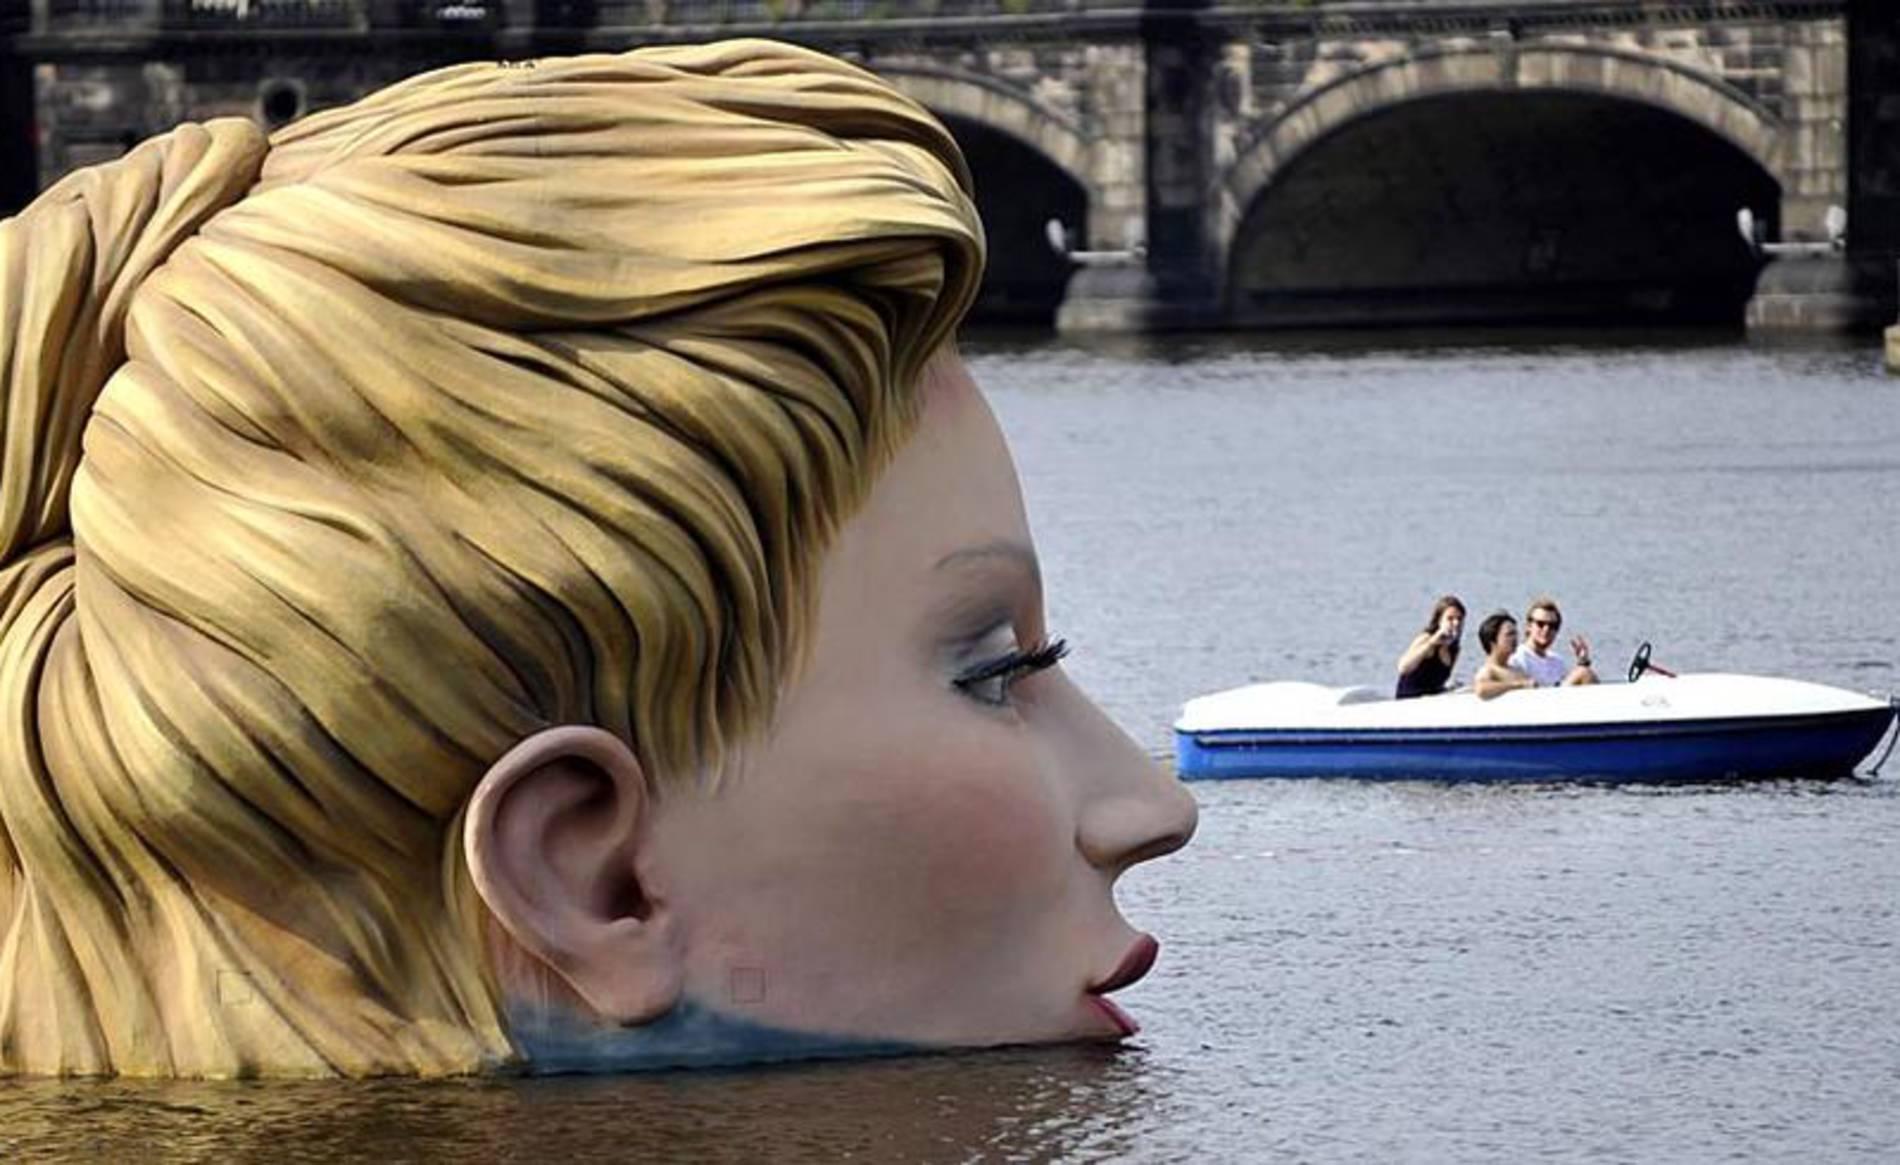 Gente en un bote mira a la escultura de una sirena en el lago Alster en Hamburgo.